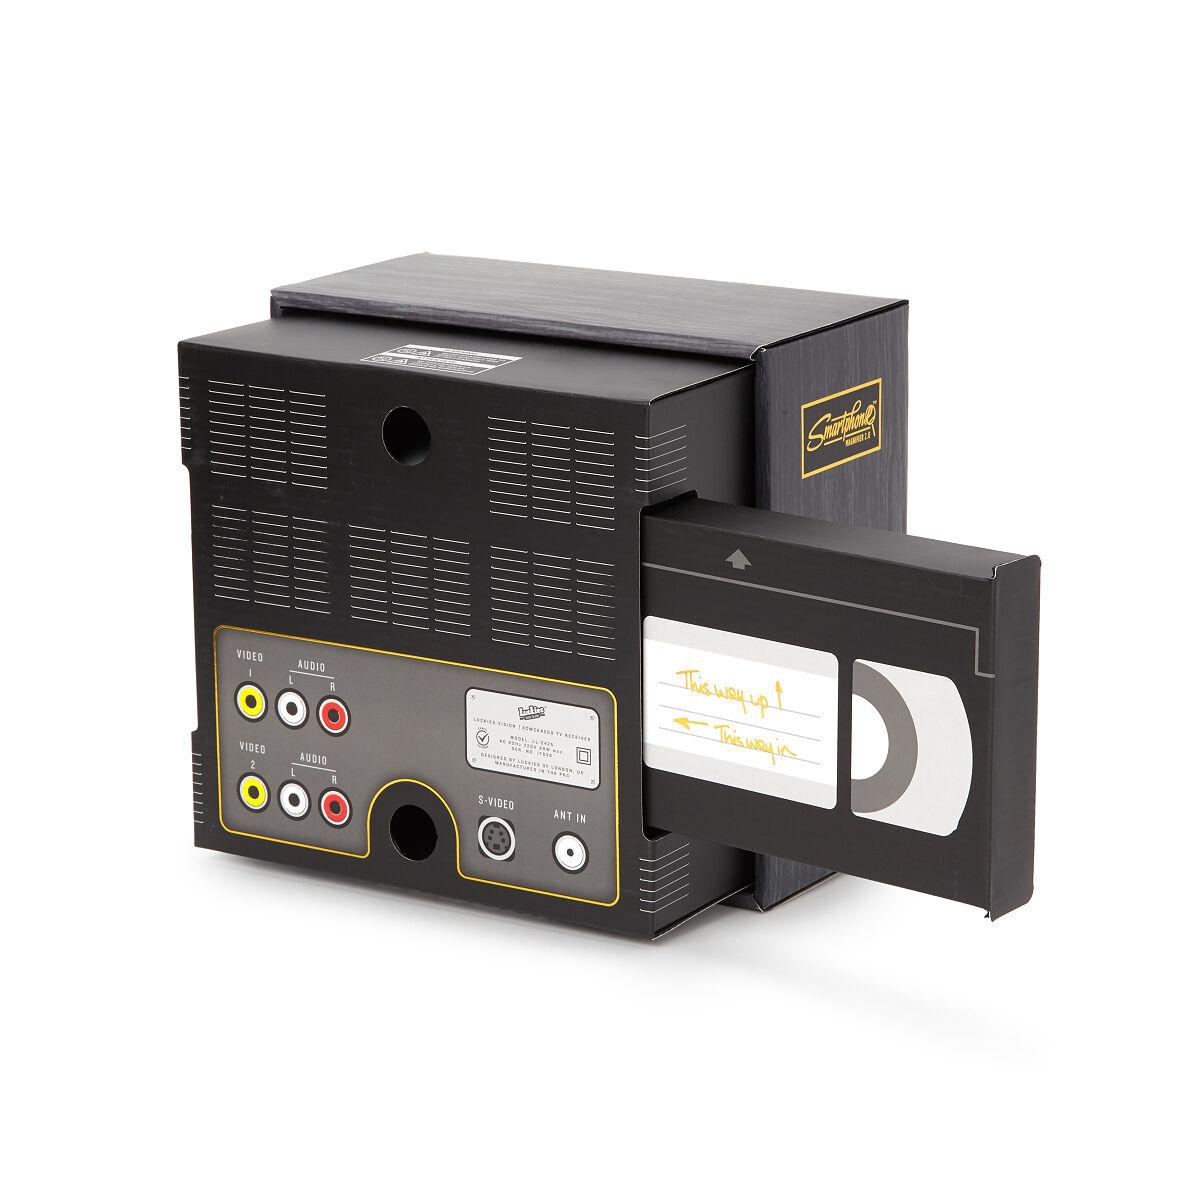 Smartphone Magnifier | smartphone projector | UncommonGoods